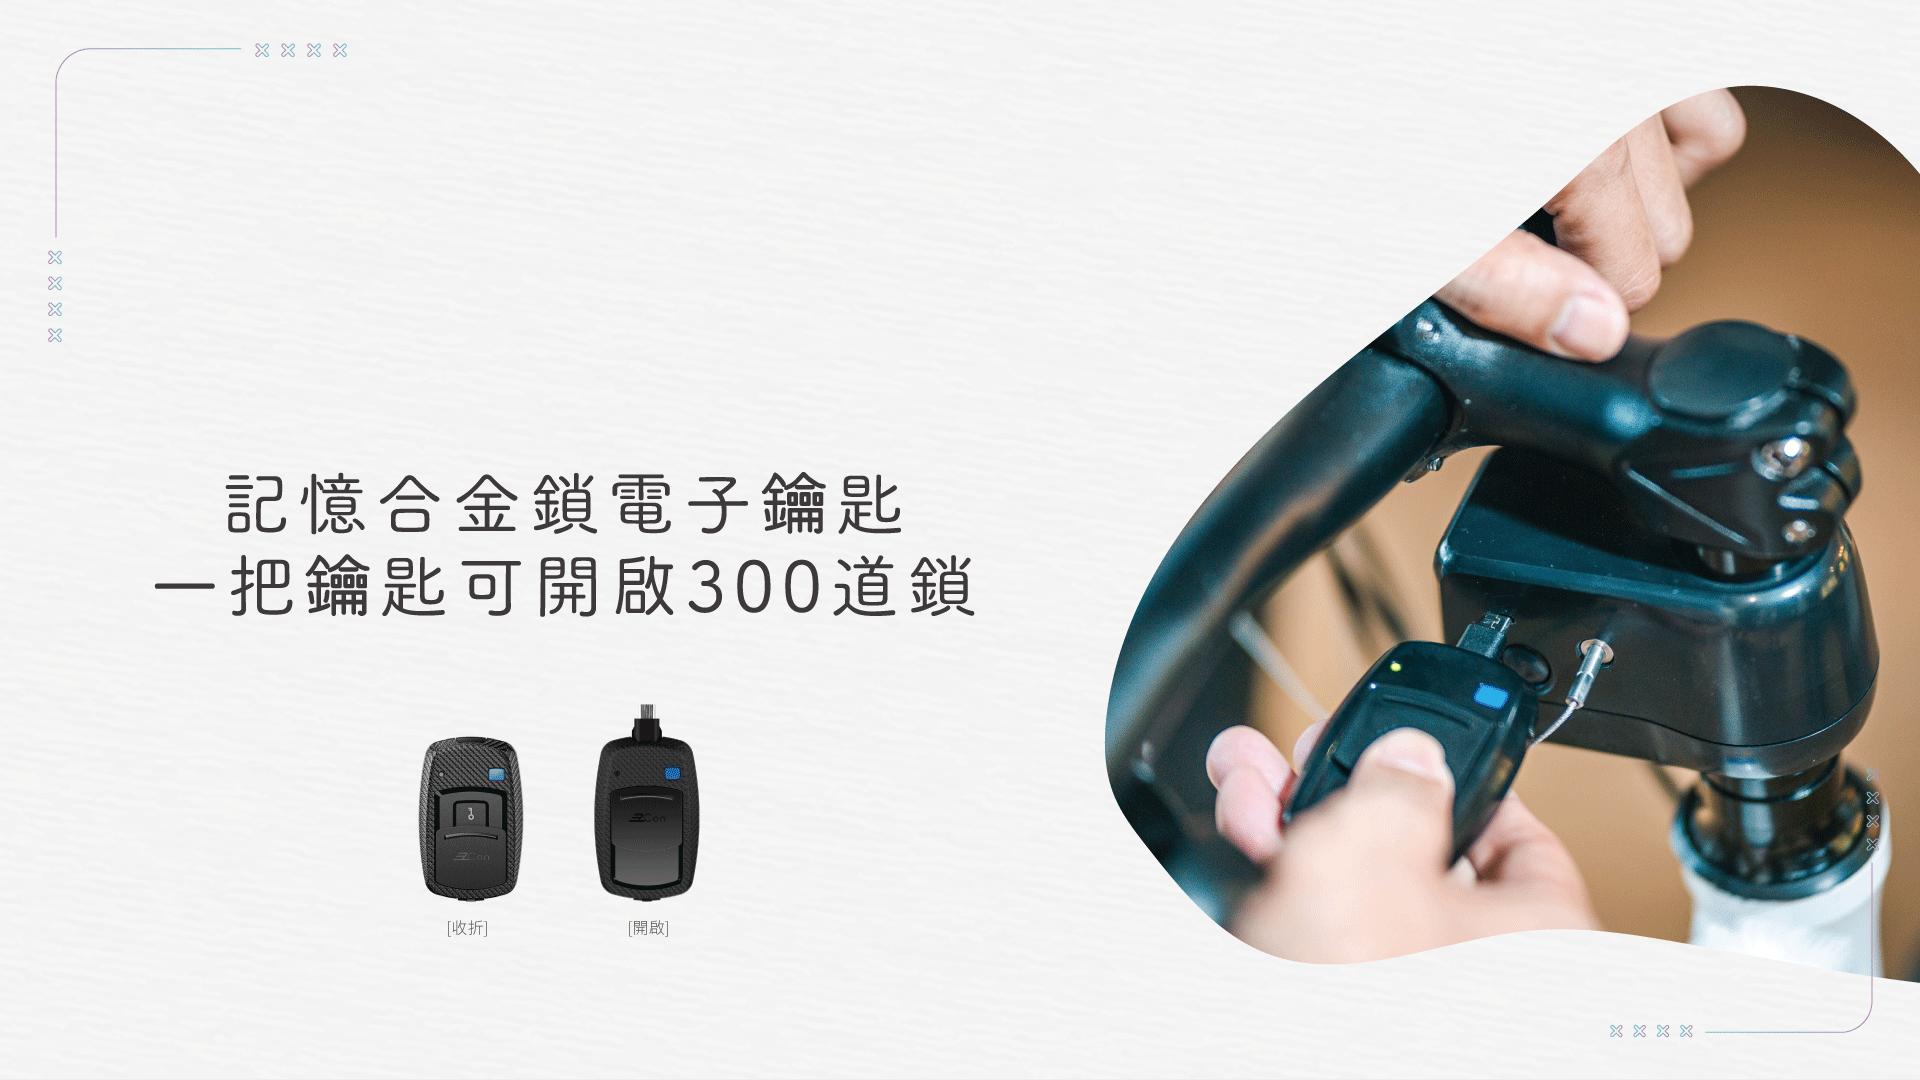 隱藏式自行車鎖的鎖體不須安裝電池,只要一把電子鑰匙,將USB插頭插入,一秒內即可比對密碼並且解鎖。